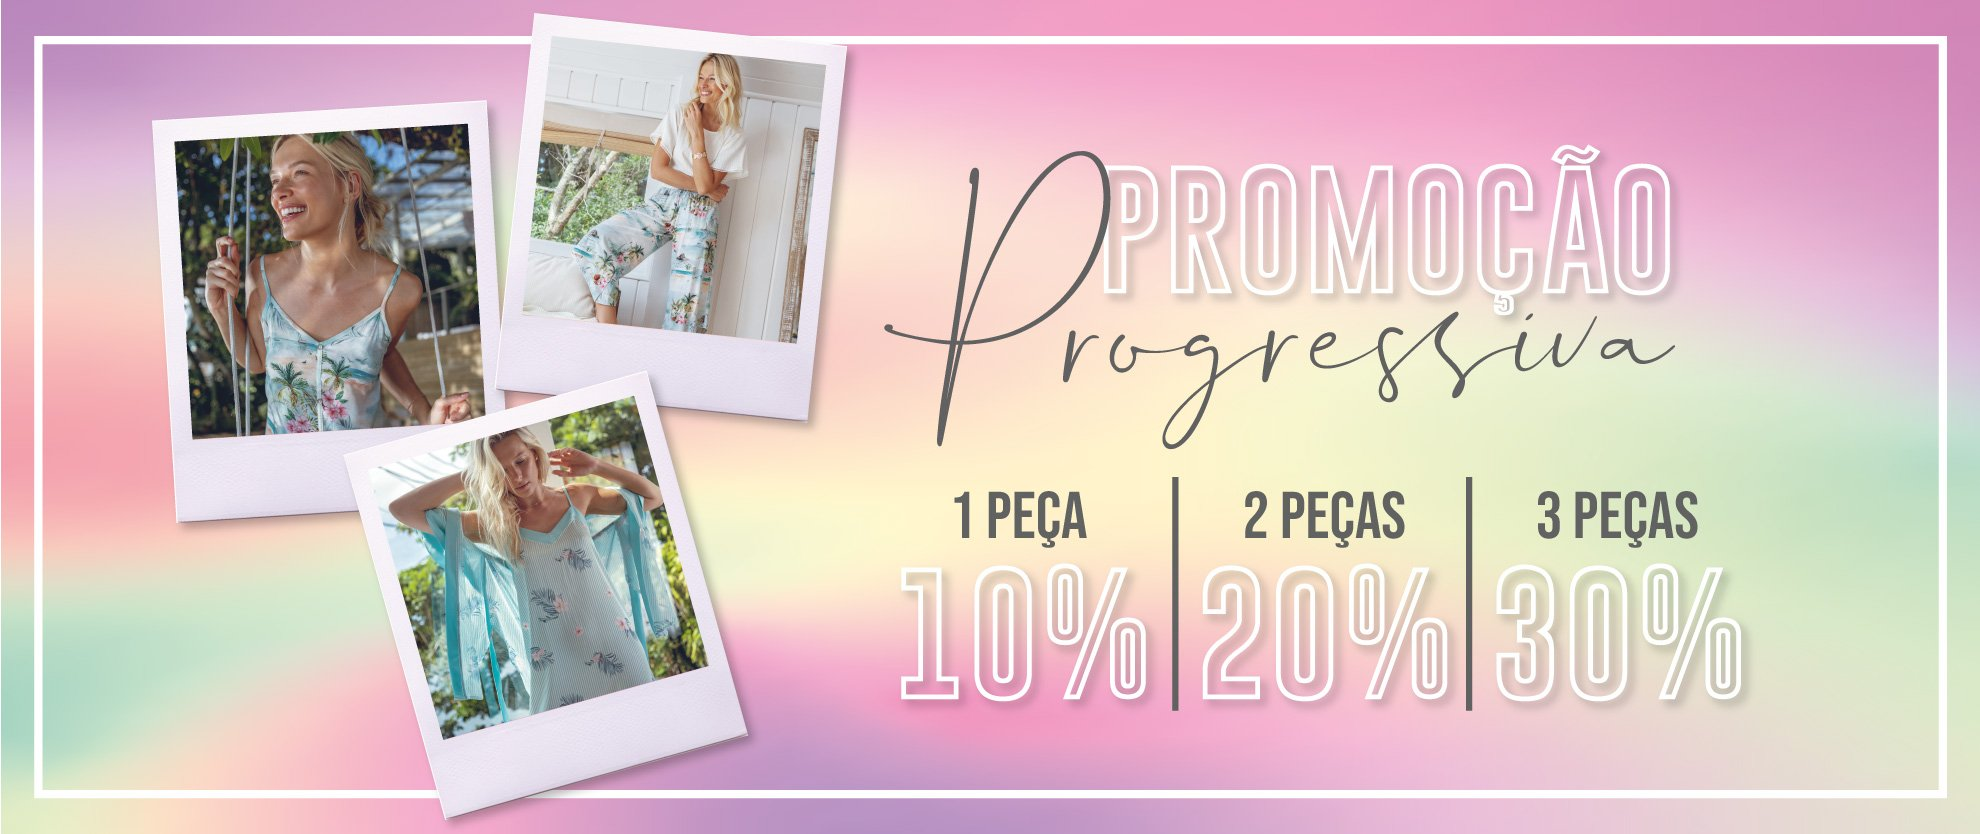 Promoção Progressiva